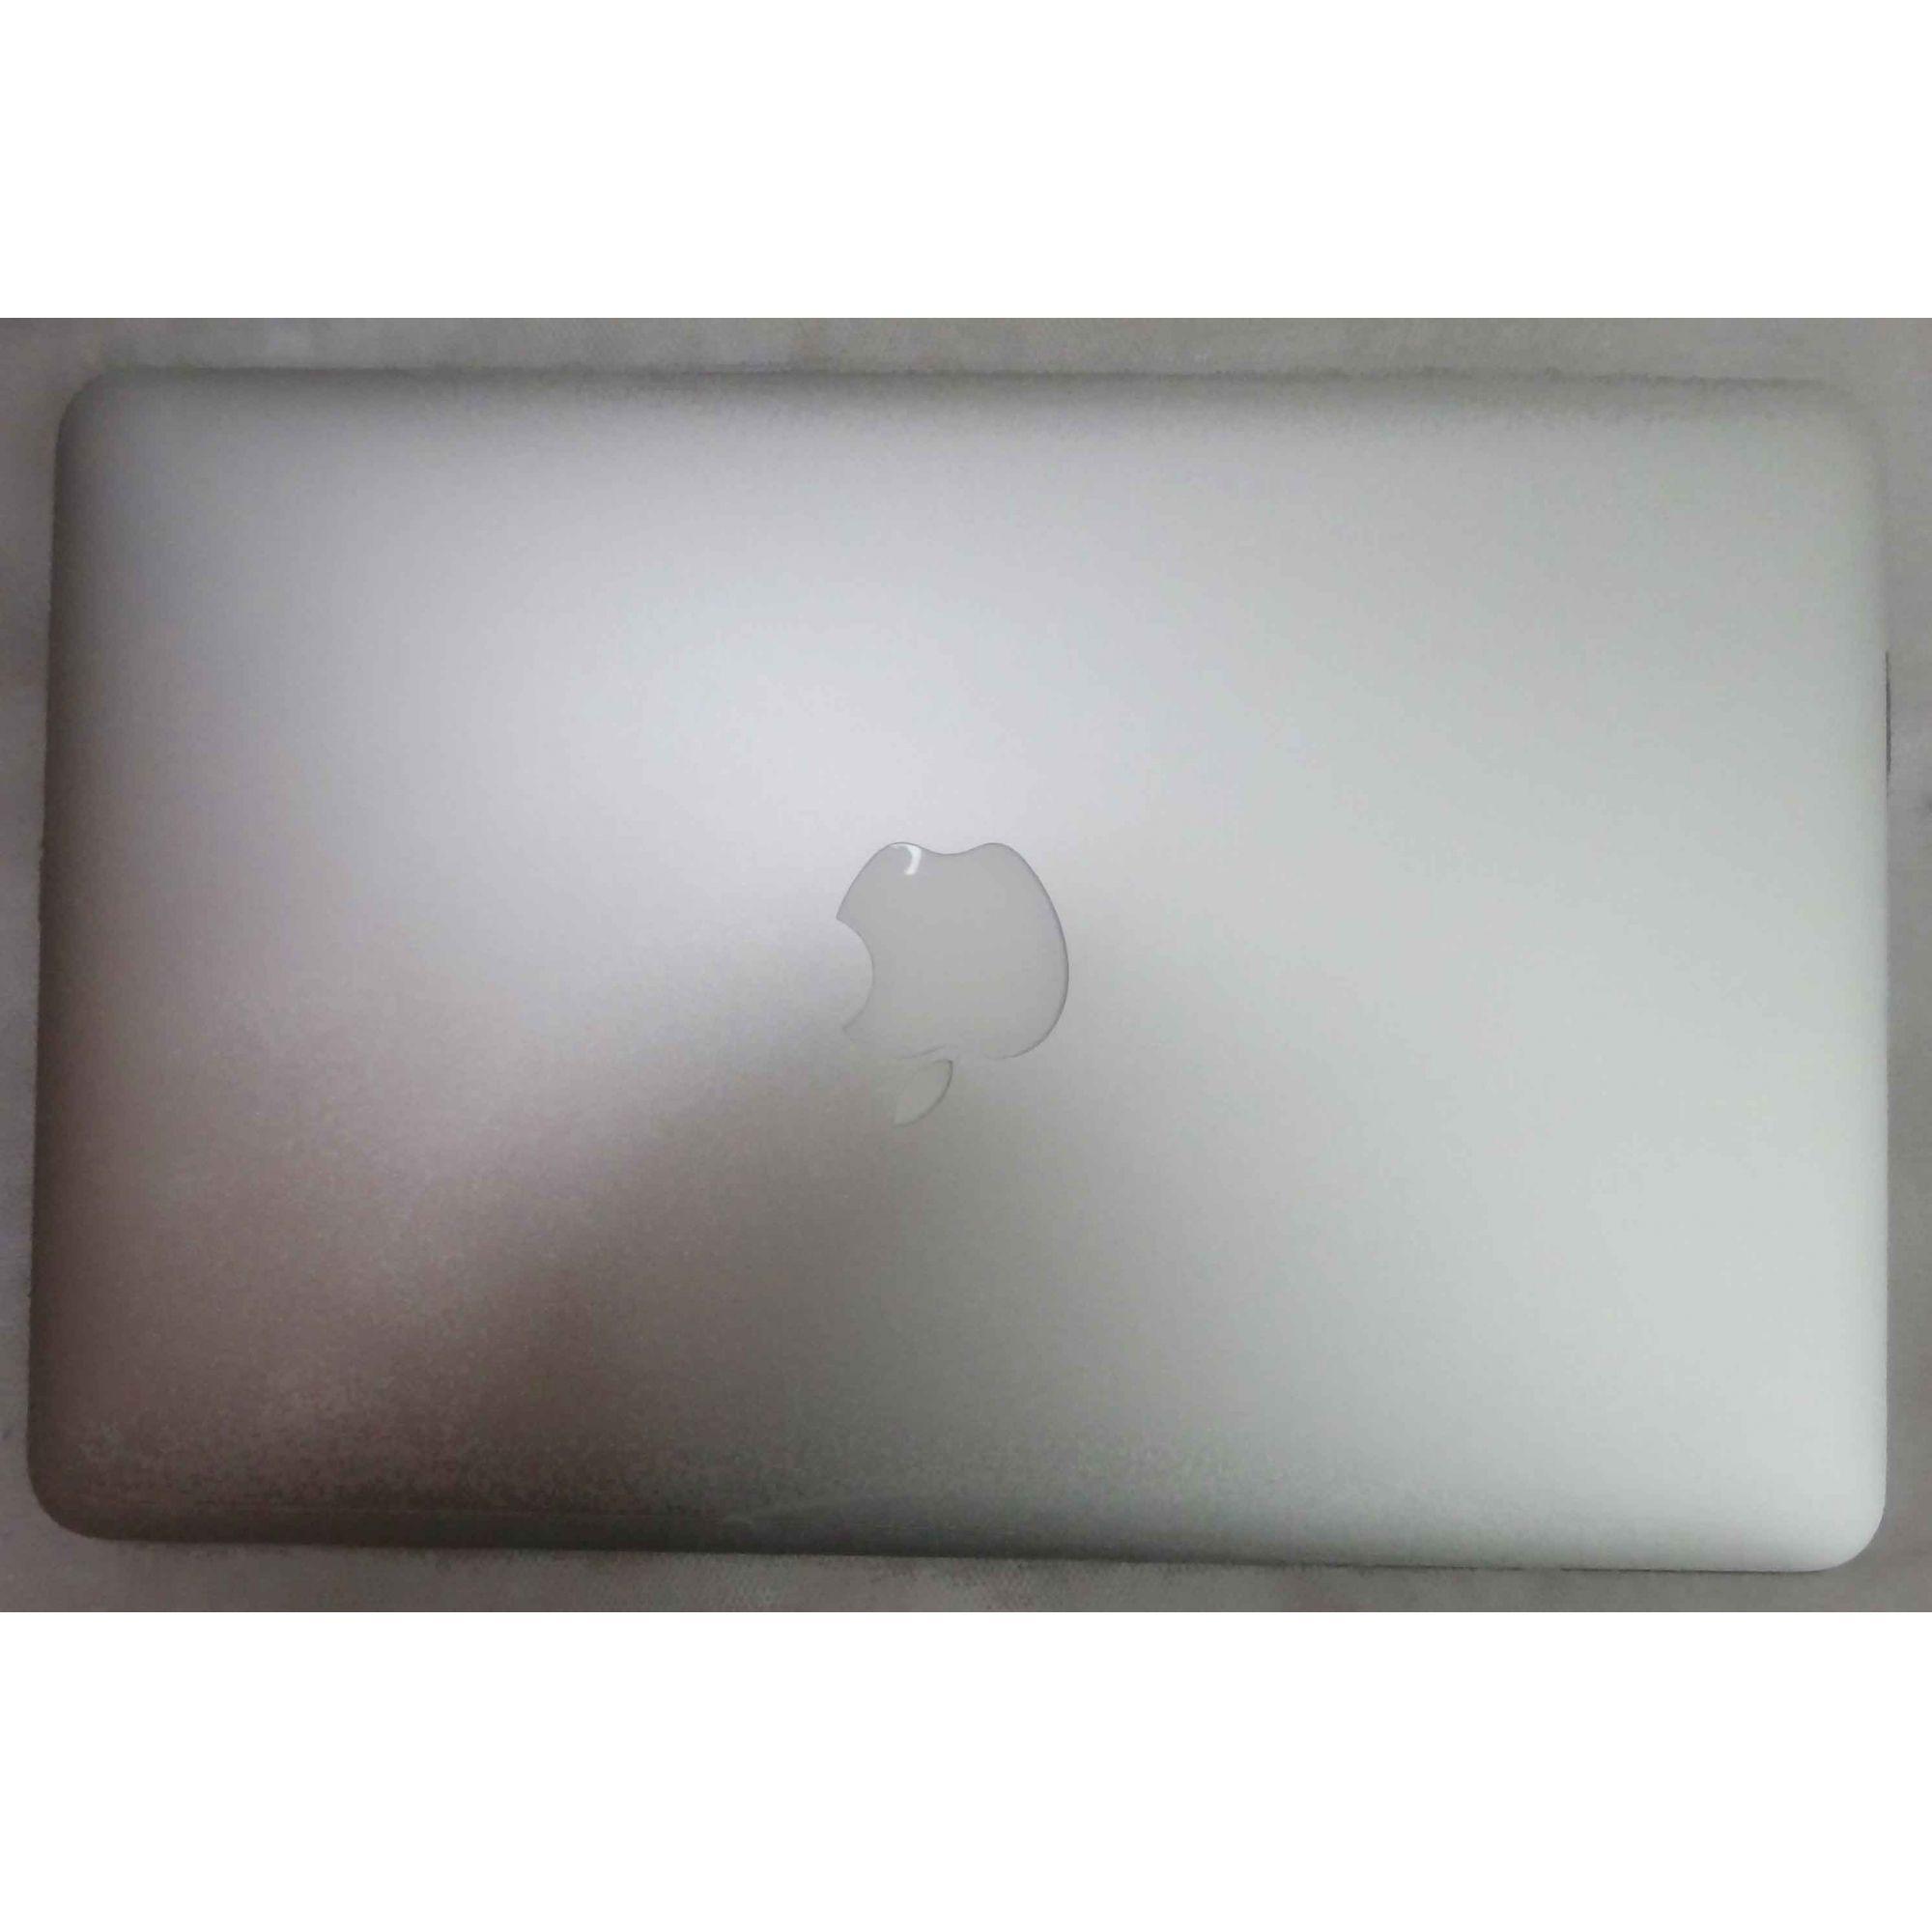 Macbook Air MJVM2LL/A Intel Core i5 1.6GHz 4GB SSD-128GB